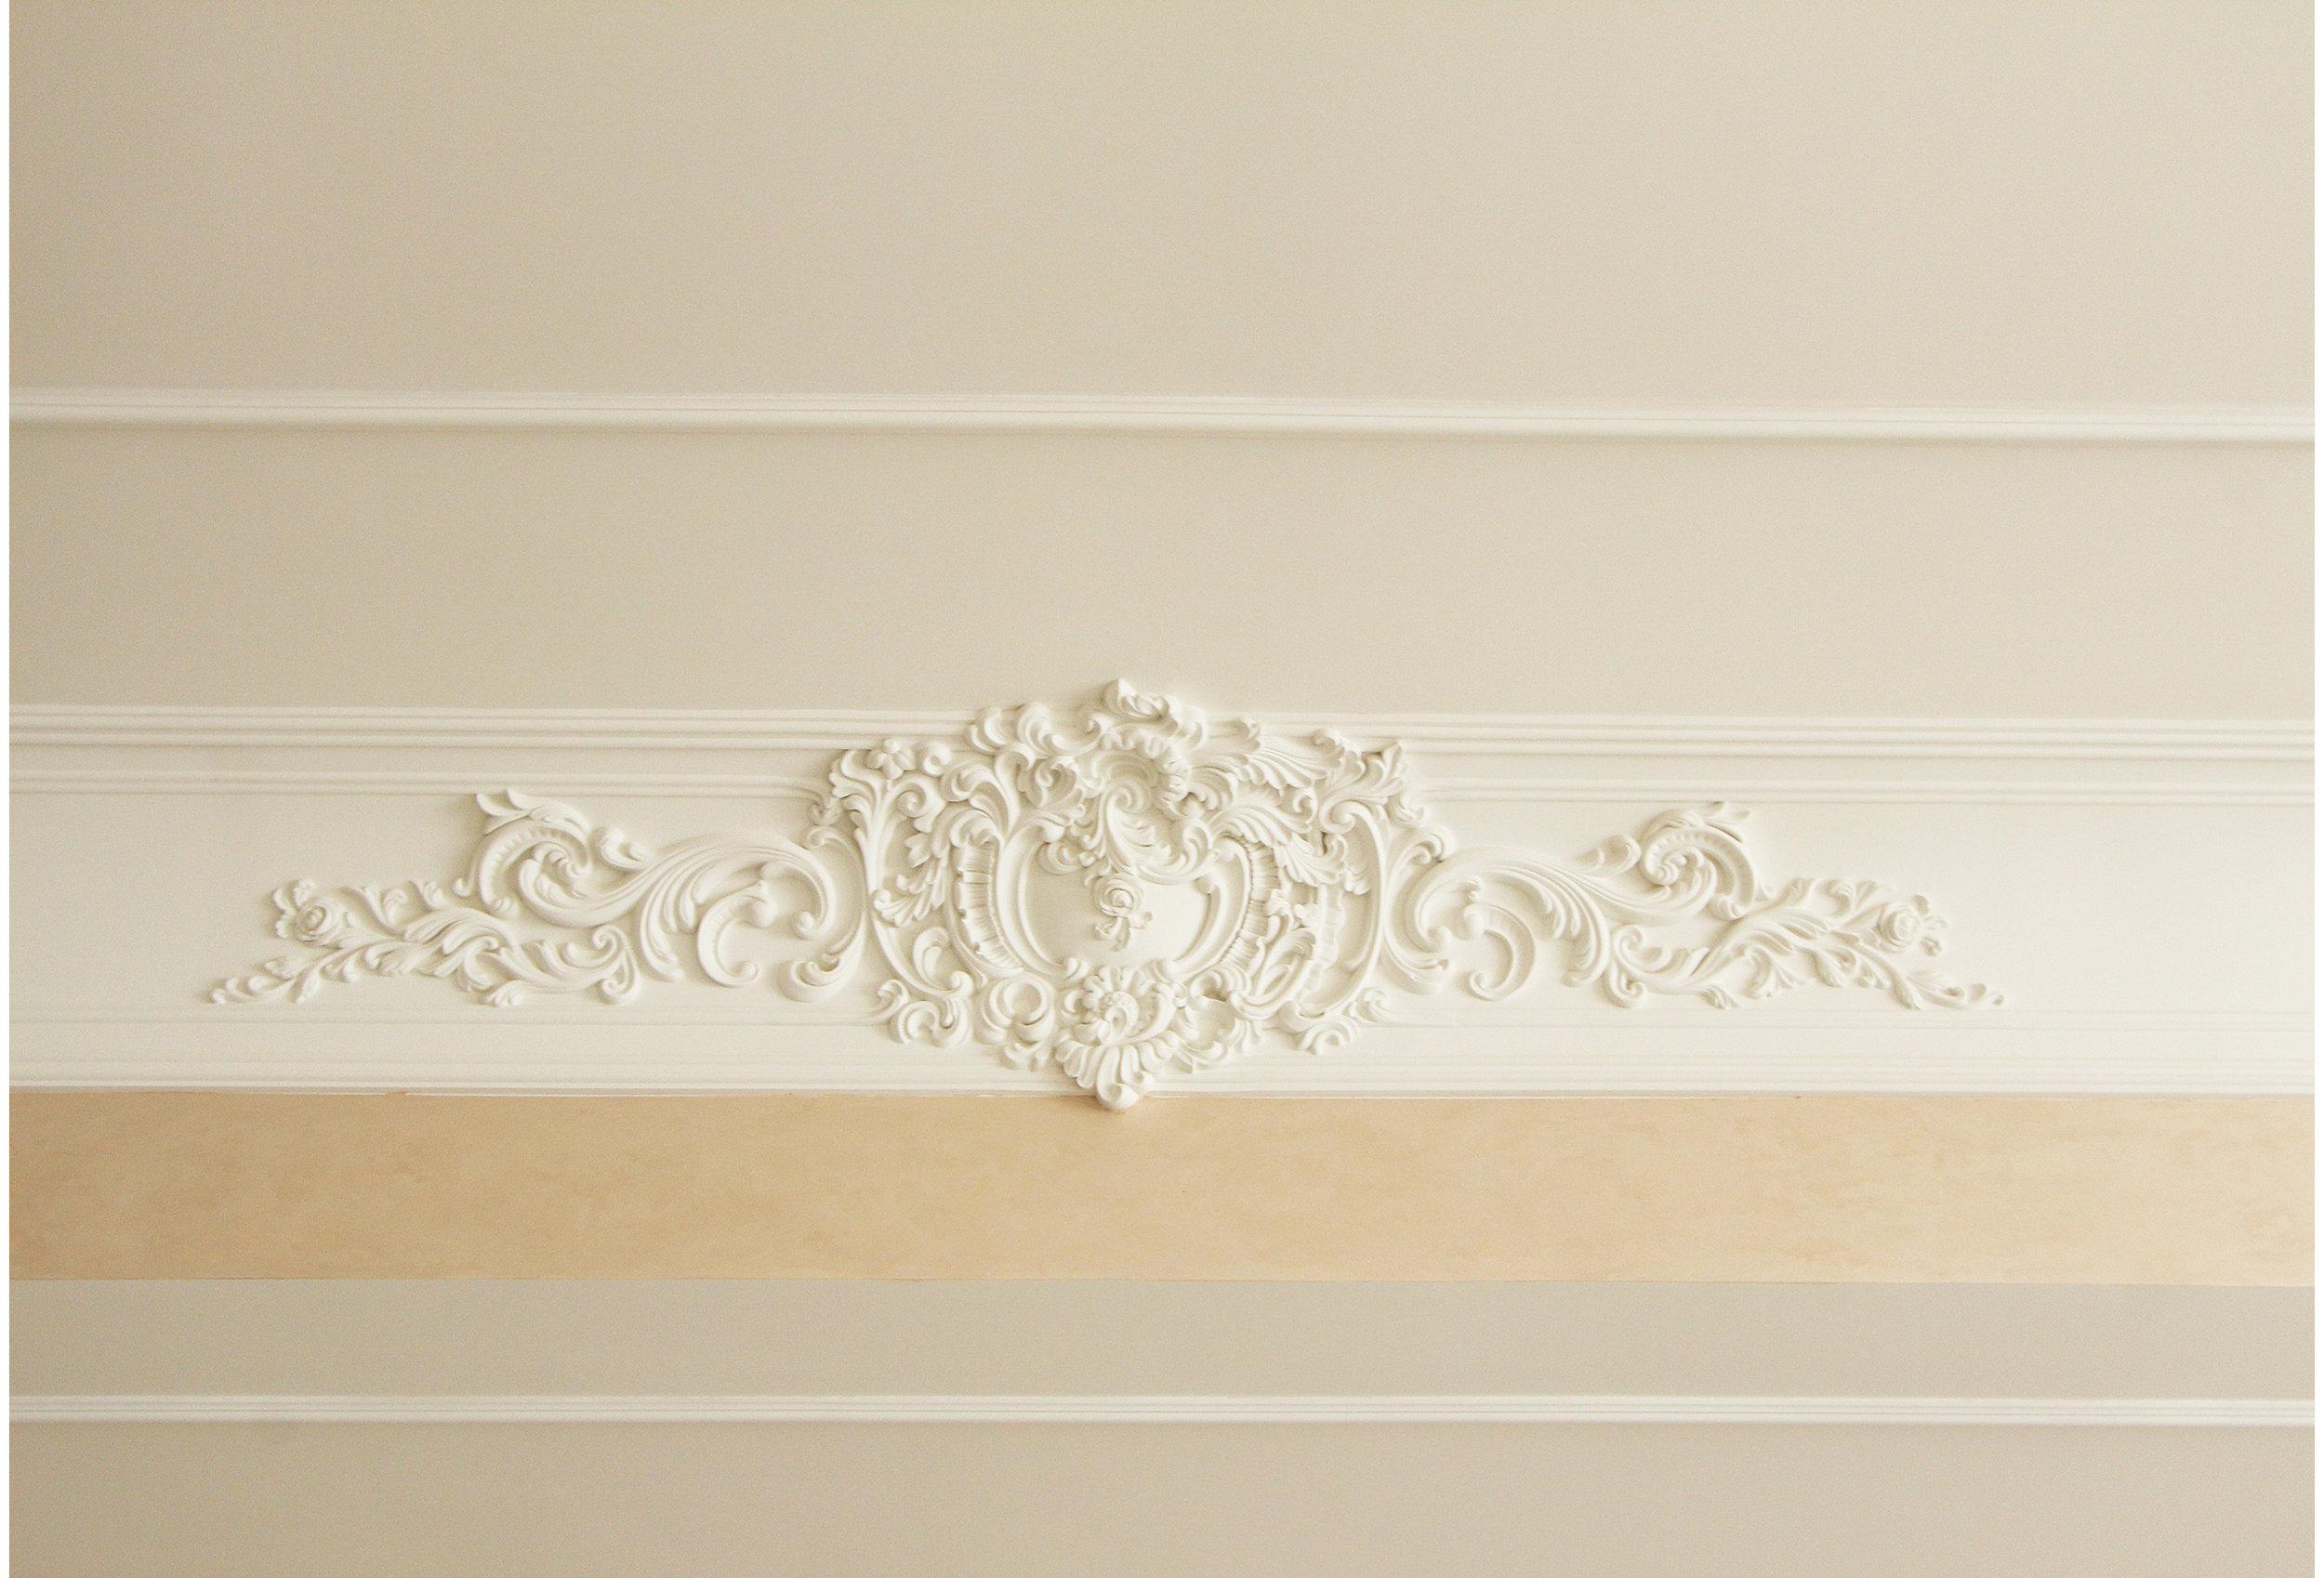 Copy of Decorative plaster ceiling ornament details